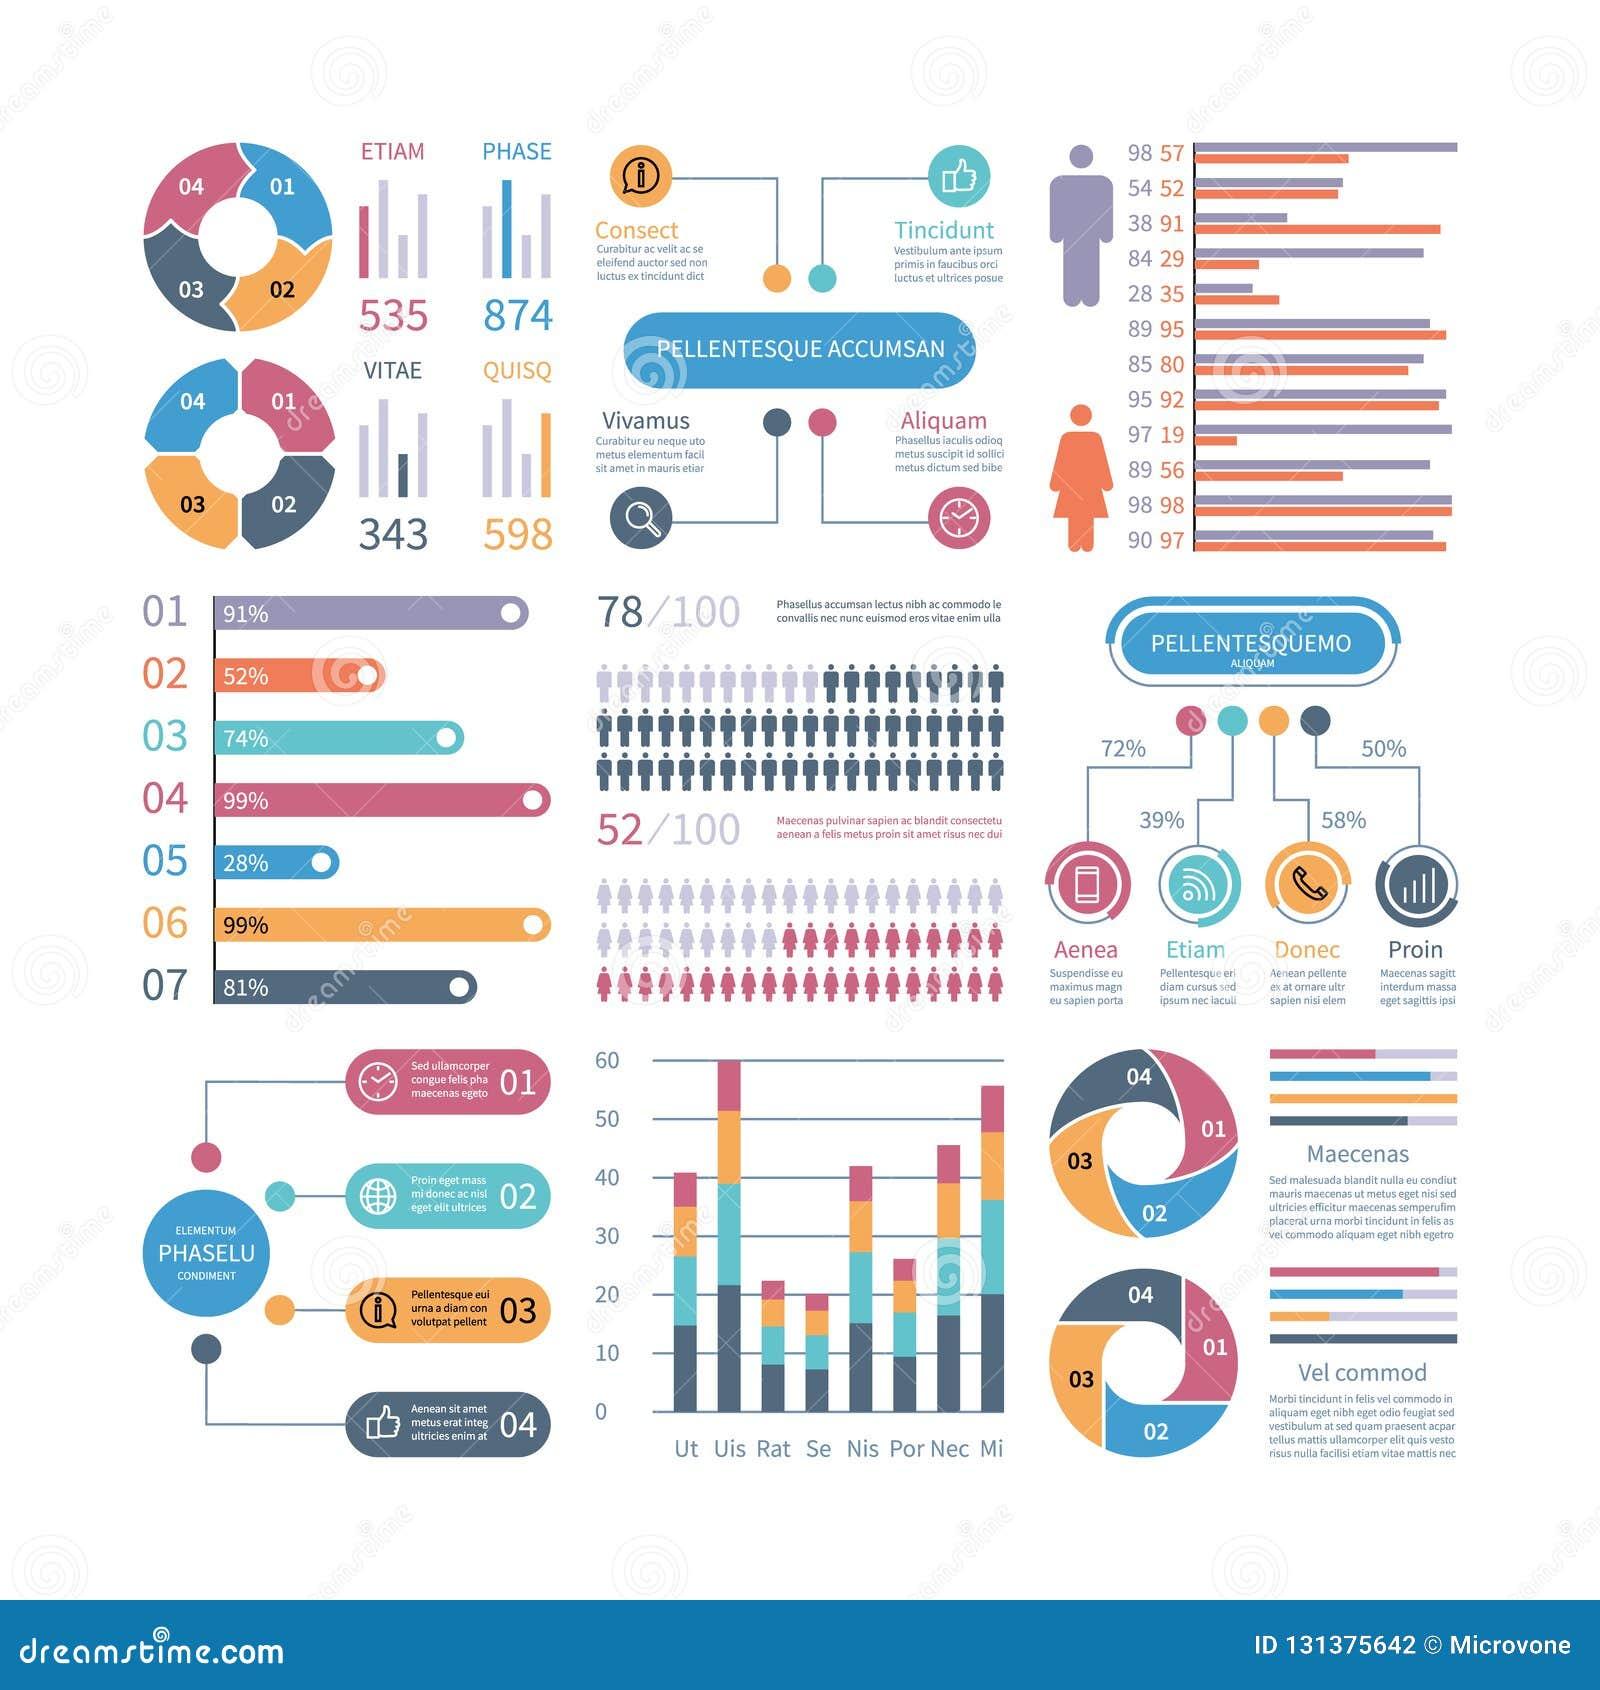 γραφικές παραστάσεις infographic Διάγραμμα ροής επιλογής διαγραμμάτων διαδικασίας επιχειρησιακών διαγραμμάτων infochart με τα εικ